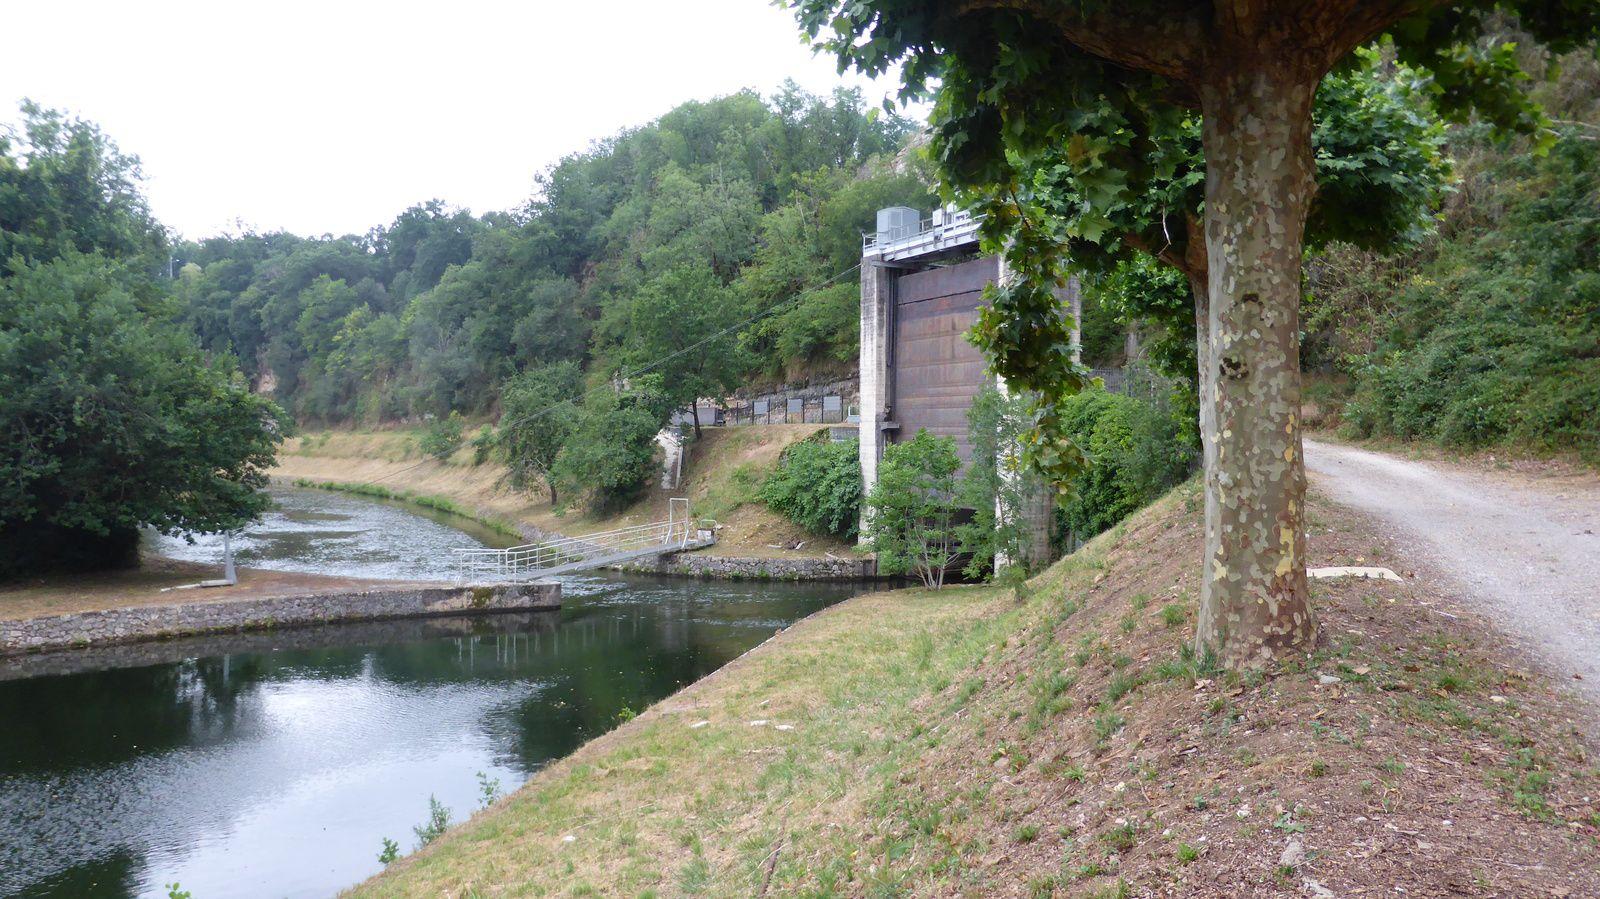 Nous passons à côté du barrage hydroélectrique de Cajarc avant de remonter sur les hauteurs.